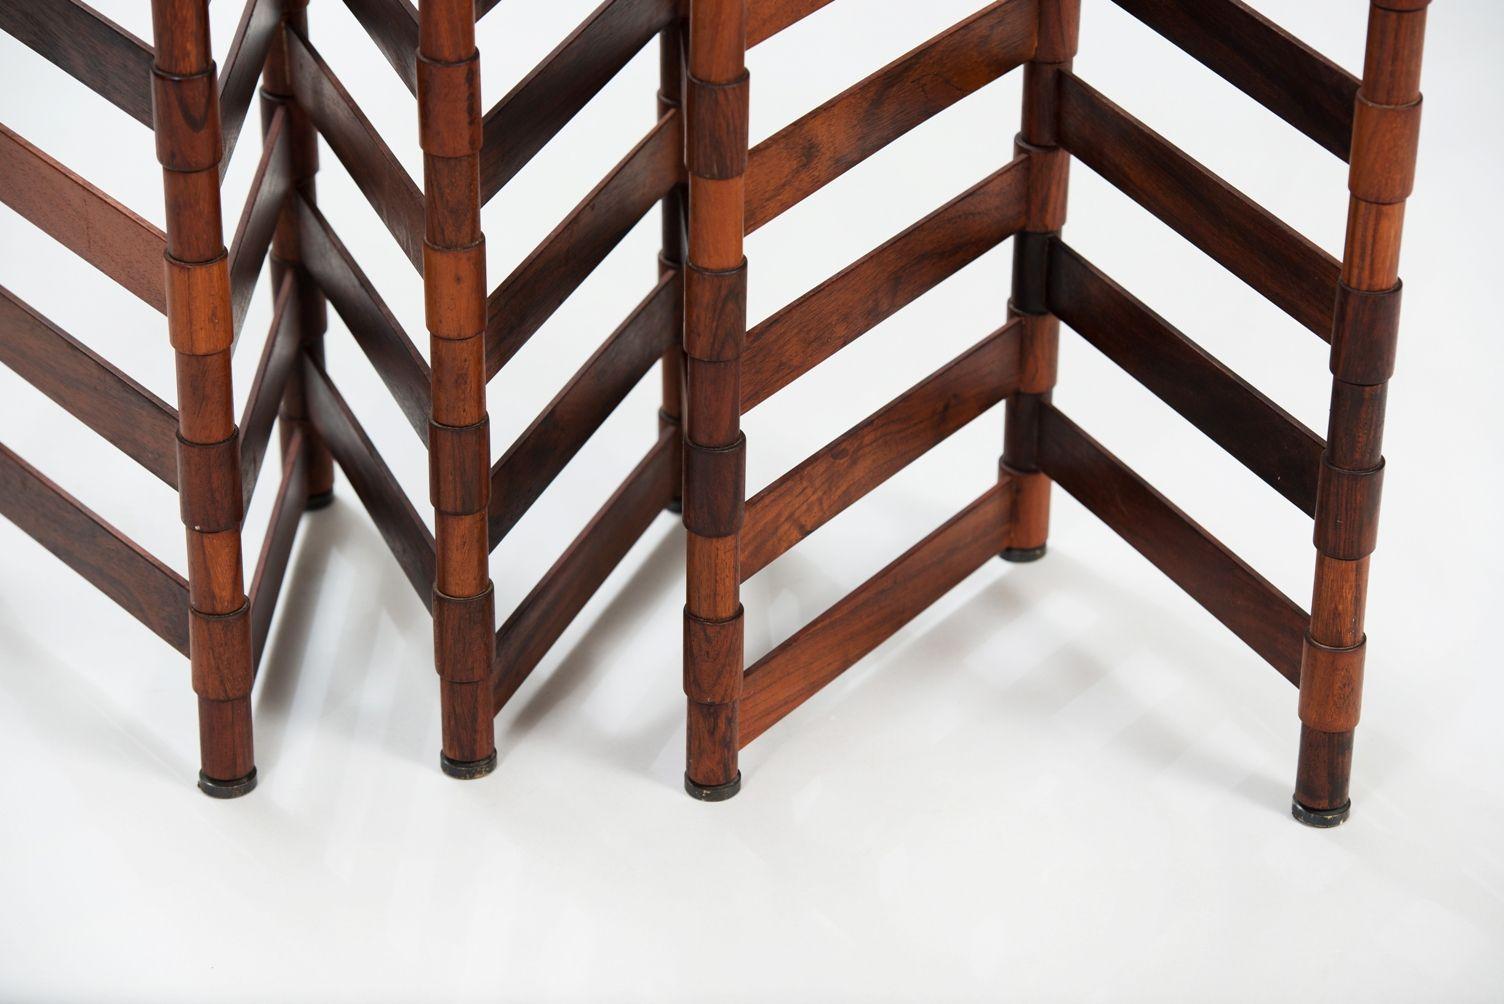 paravent vintage pliable en palissandre par tito agnoli italie en vente sur pamono. Black Bedroom Furniture Sets. Home Design Ideas